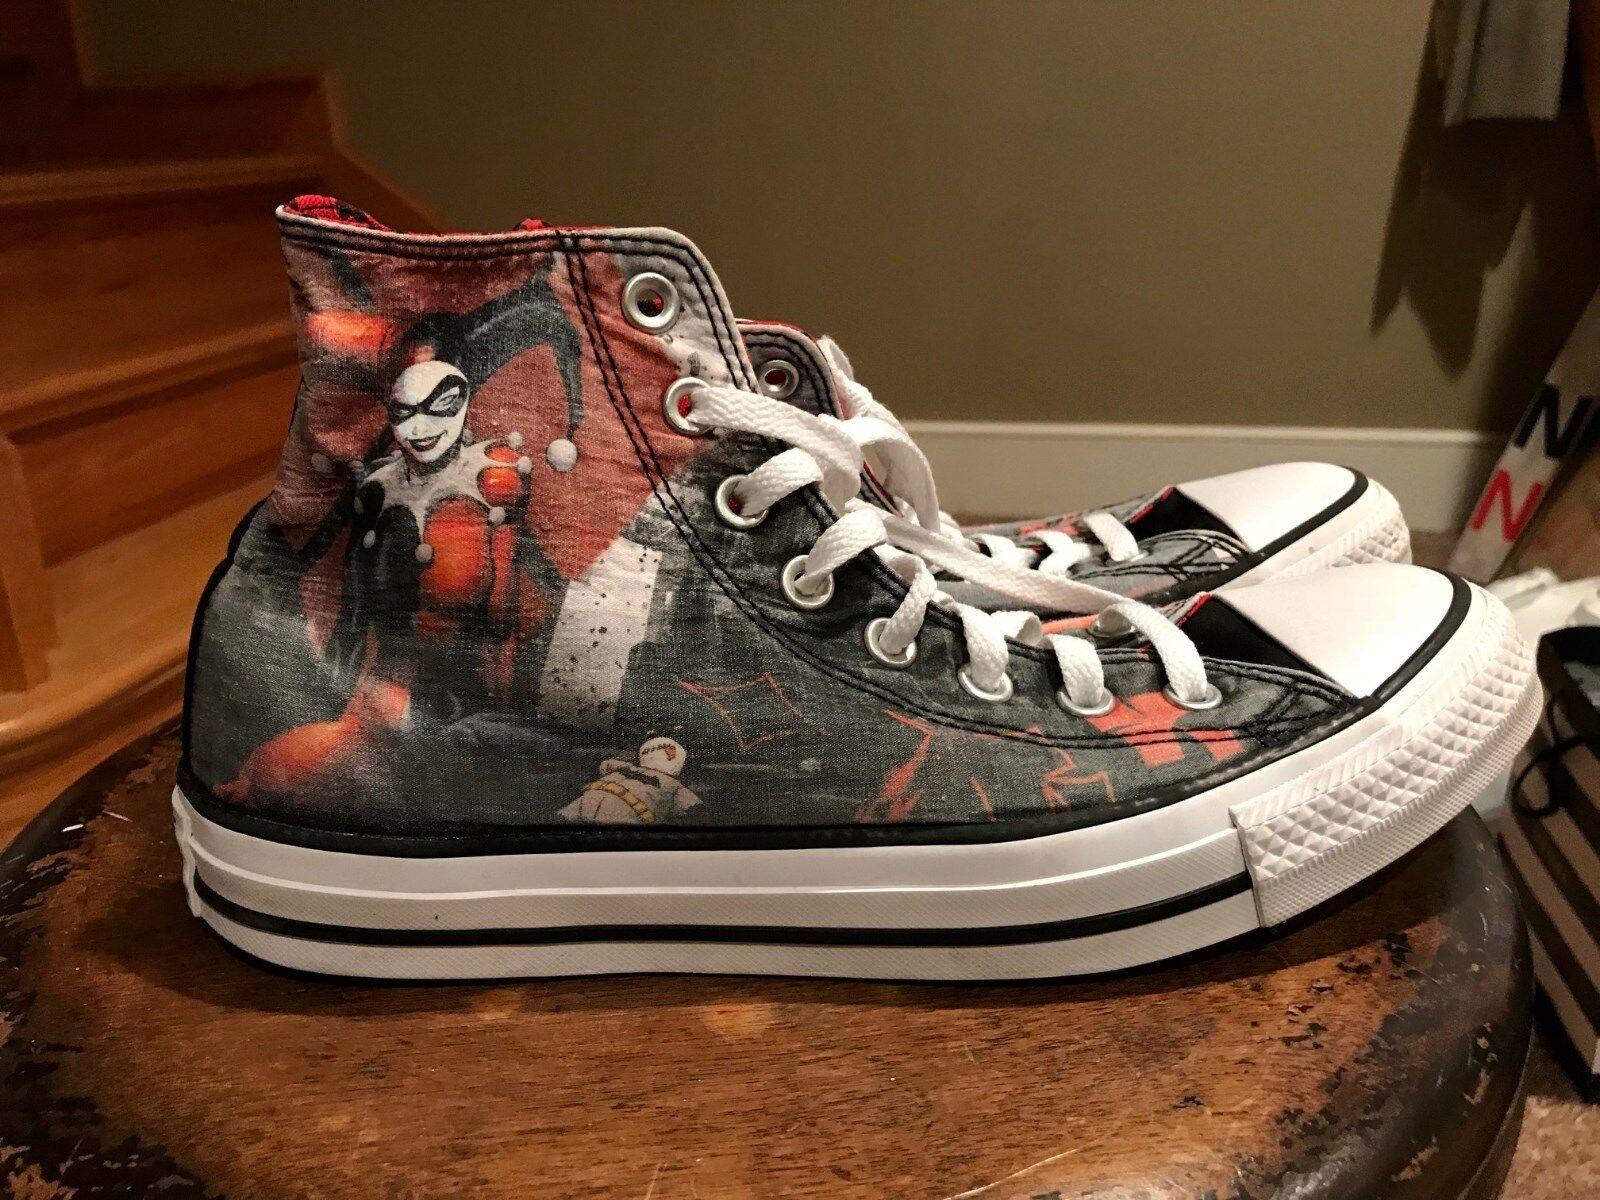 c7827091d562 Converse All Star Harley Quinn Joker High Top Shoes Men 8 Women 10 ...